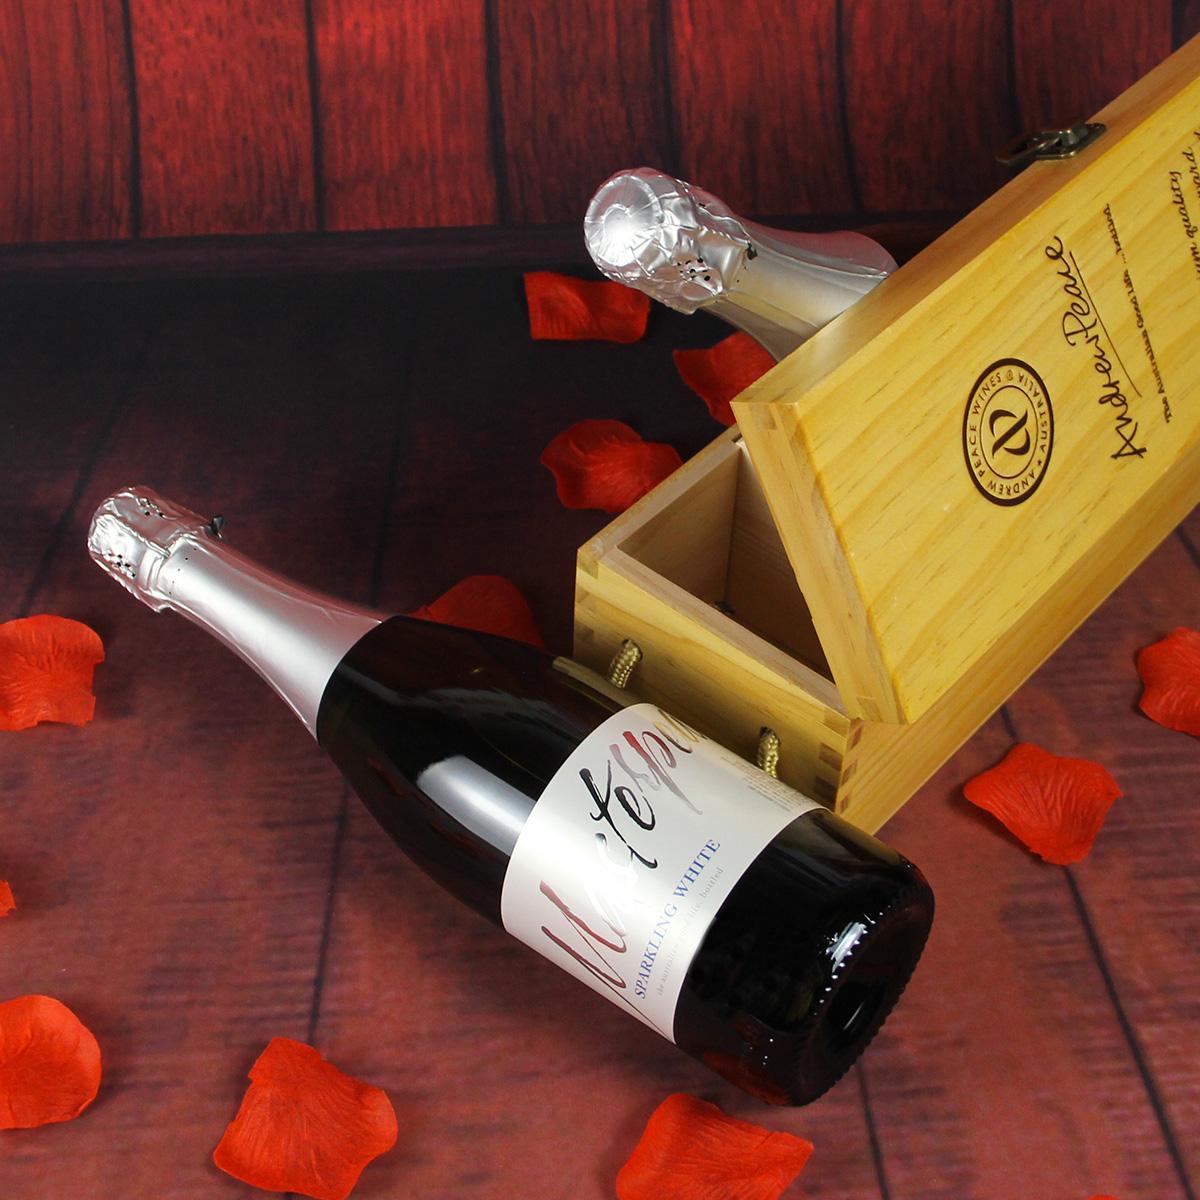 澳大利亚维多利亚安德鲁皮士酒庄皮士大师歌伦巴干白起泡酒